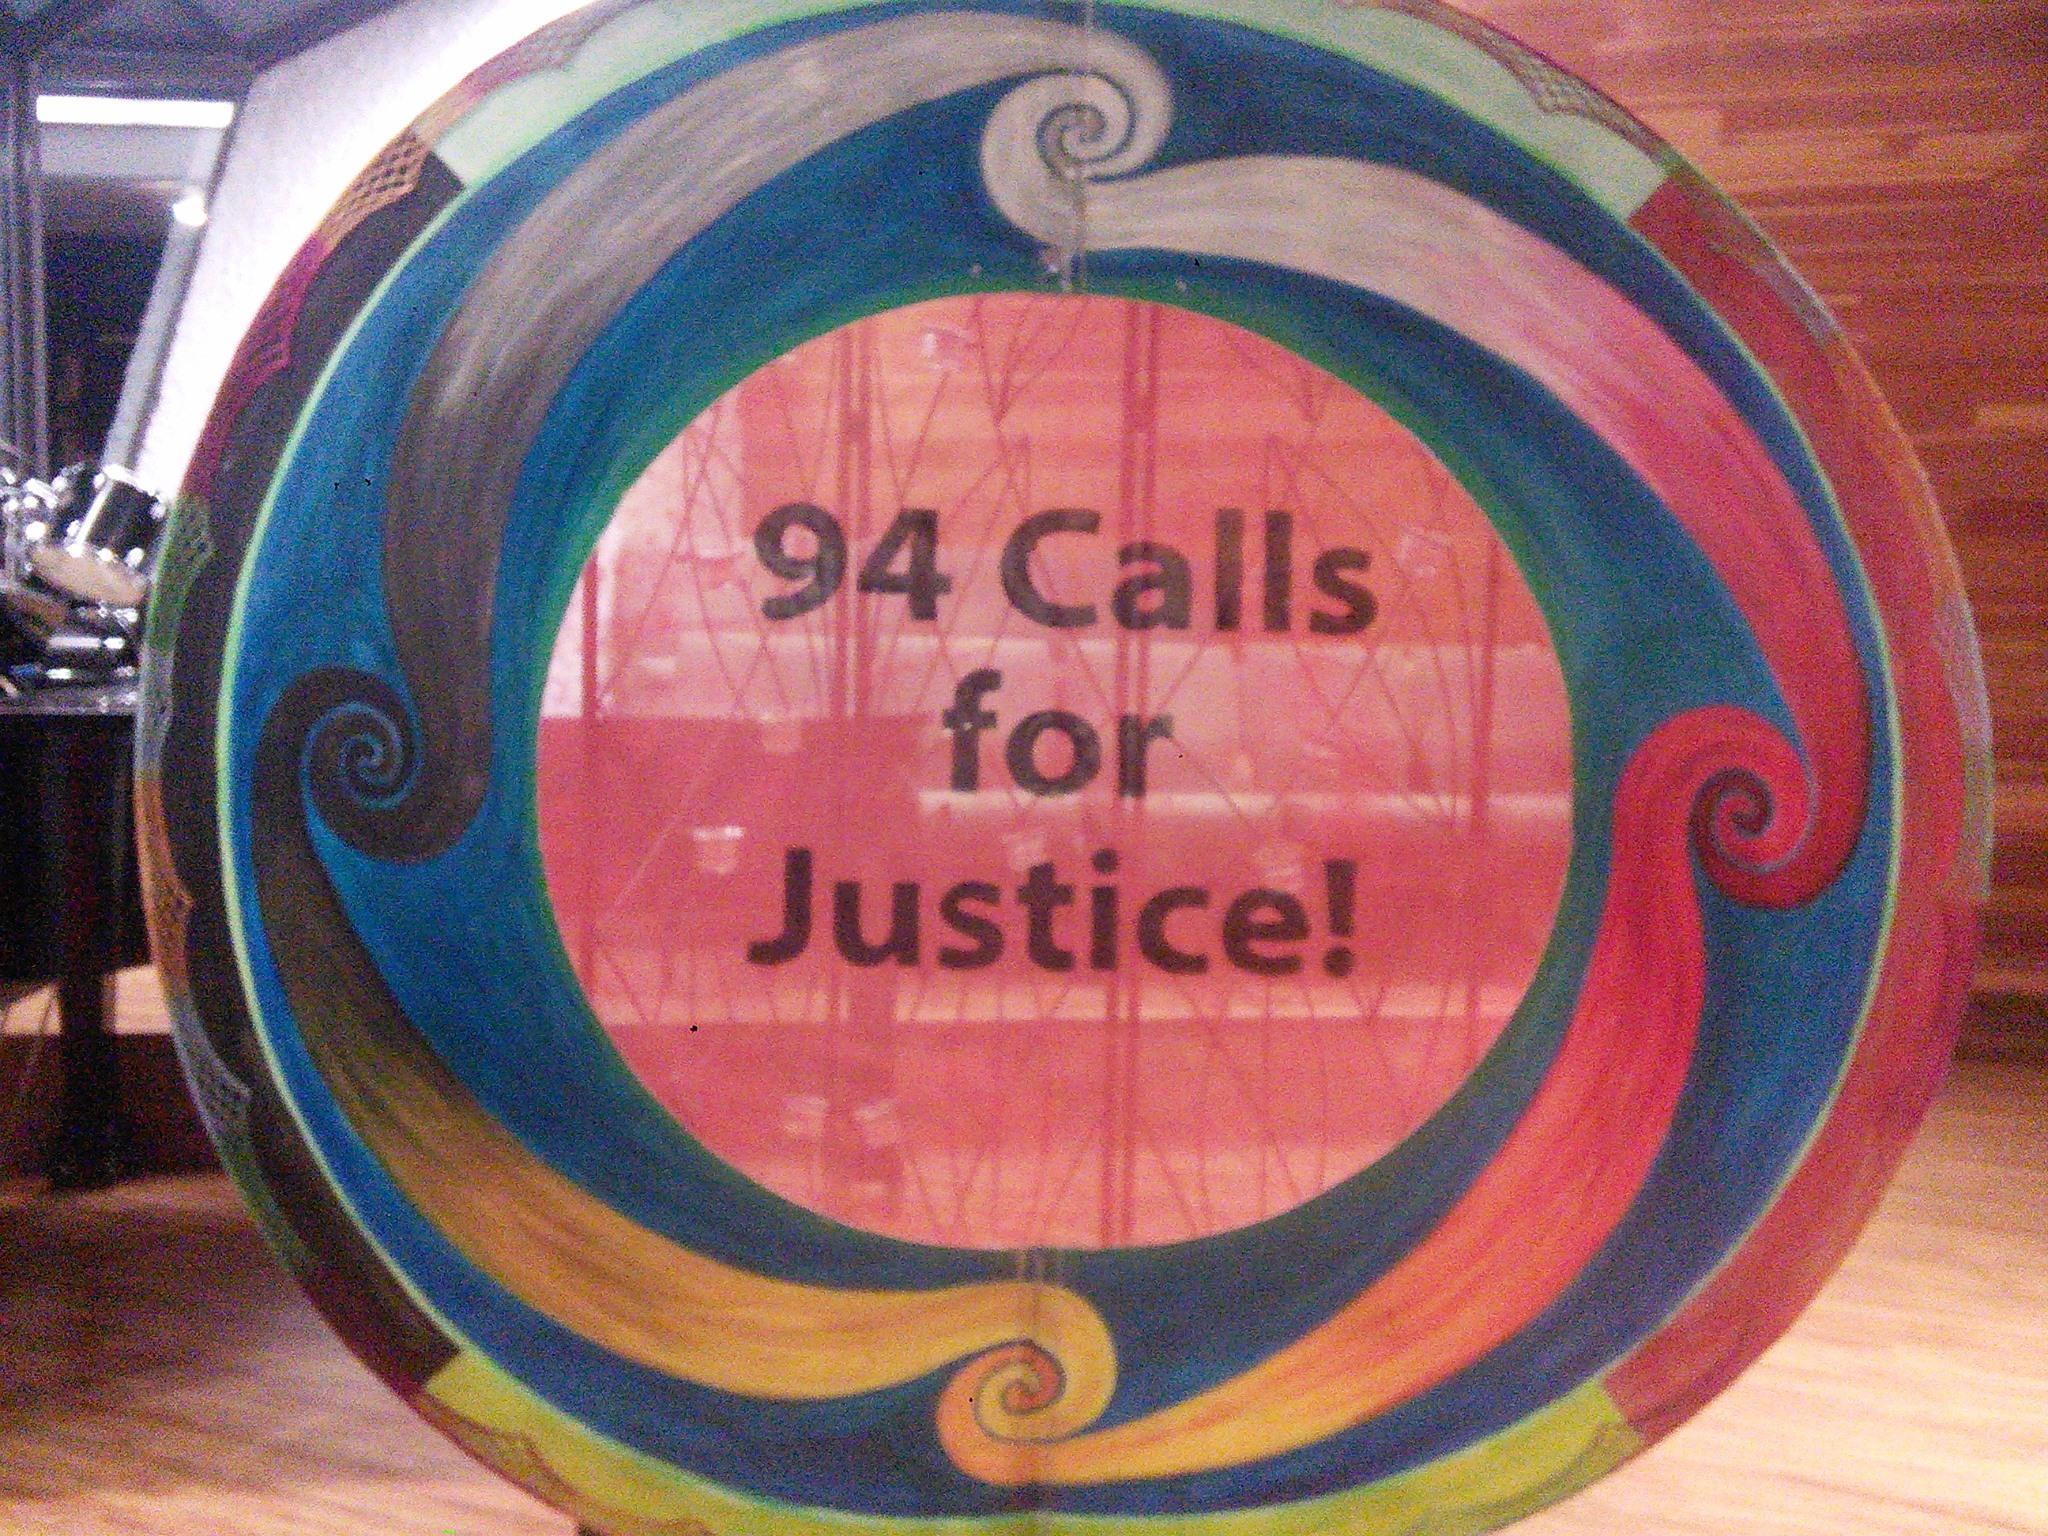 94 Calls at Cadboro Bay